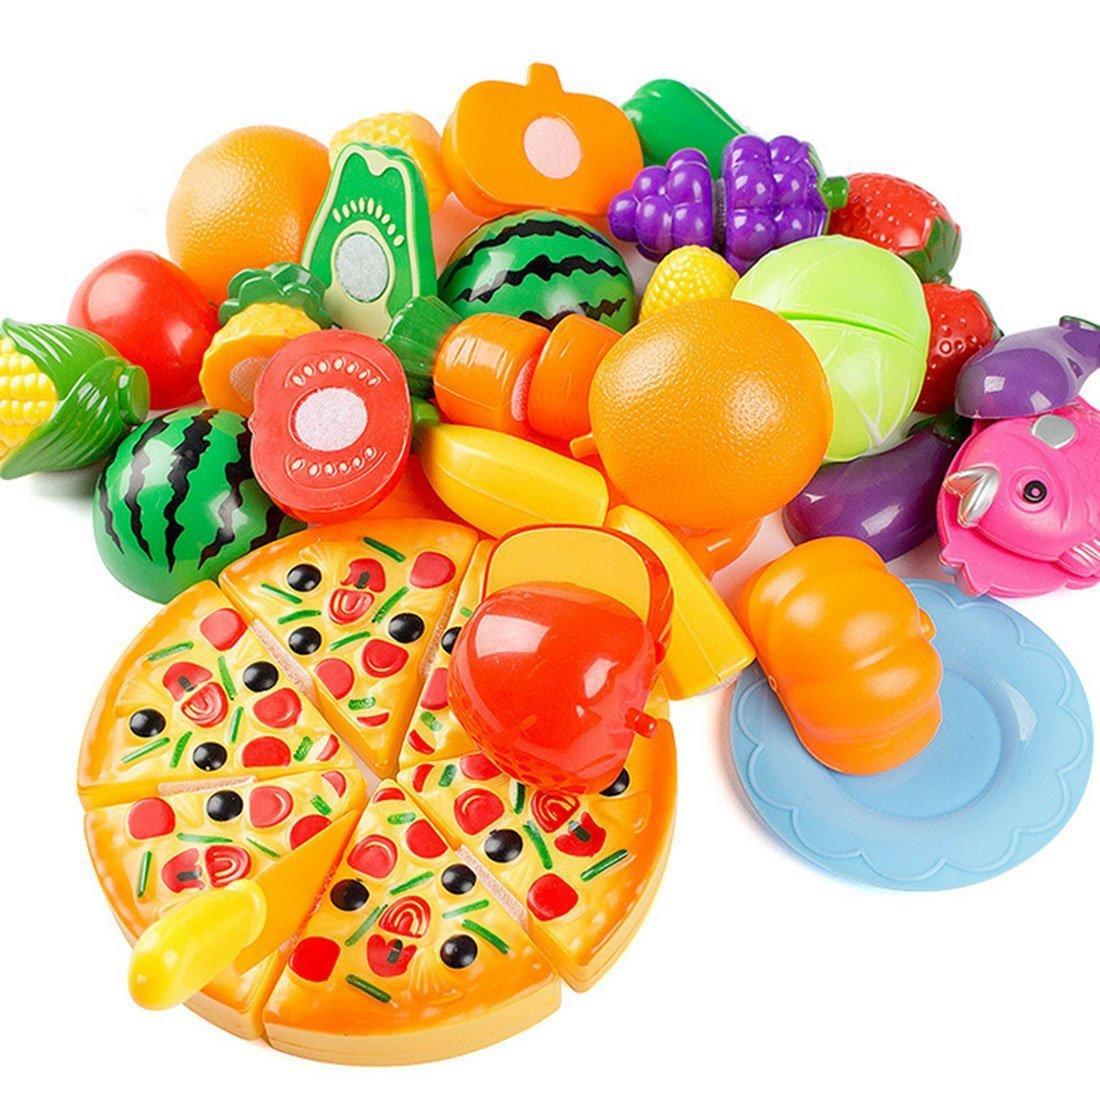 ピザ 野菜 果物 フルーツ セット 子供 料理 クッキング キッチン ままごと 食べ物 おもちゃ 知育玩具